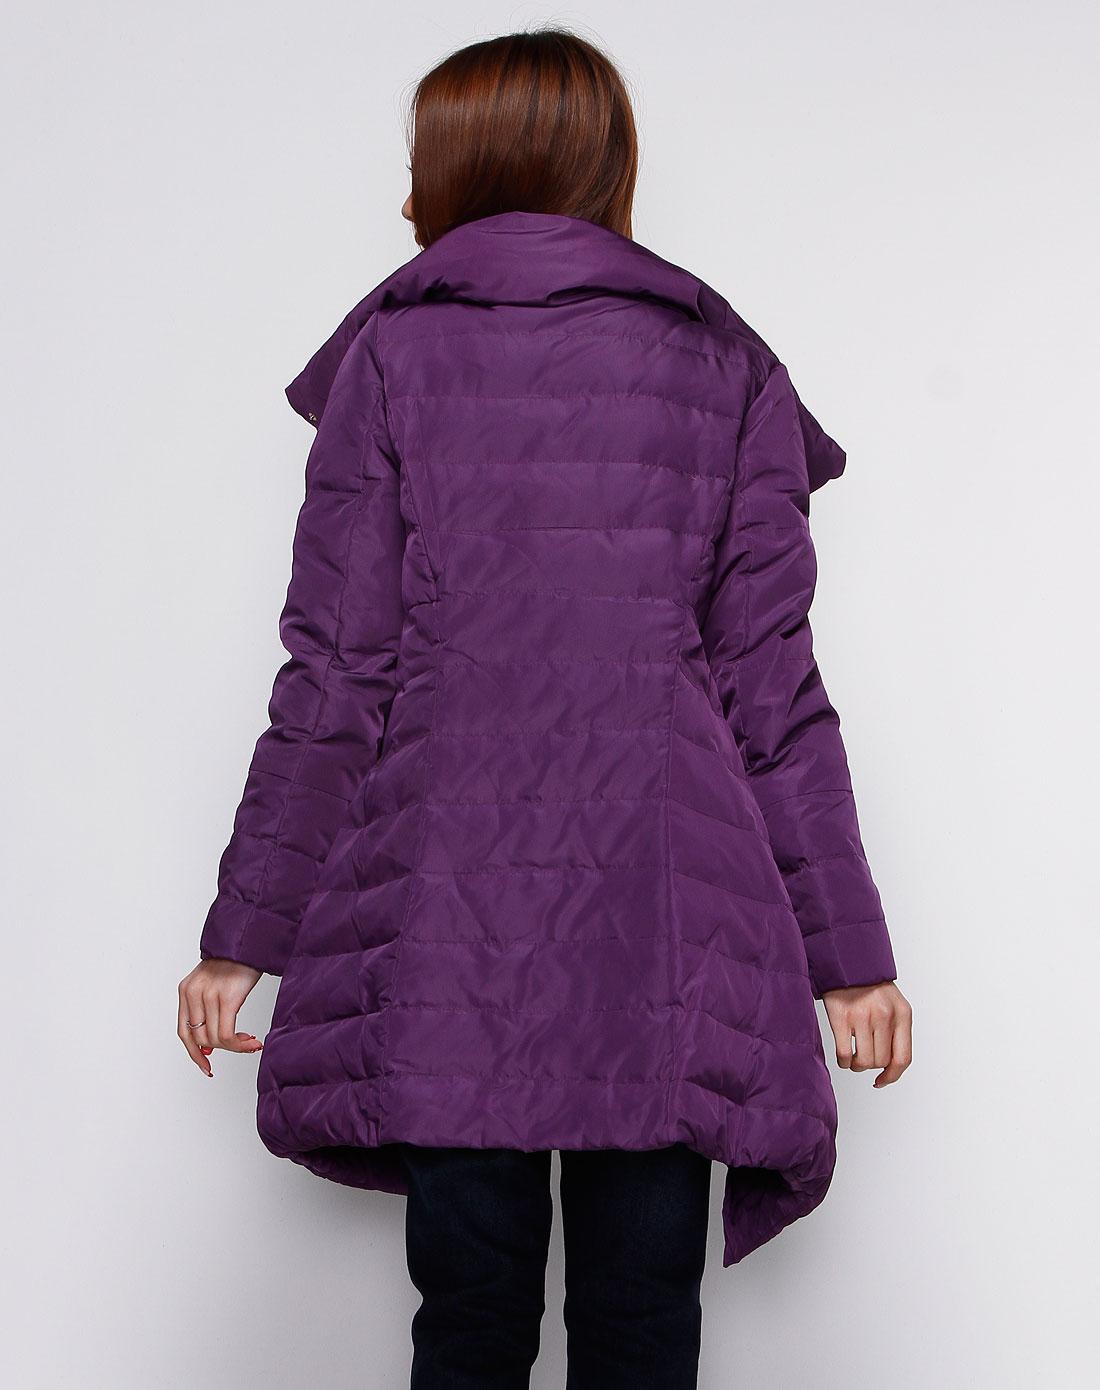 深女童紫色短裙羽绒服时尚韩版v女童长袖图片